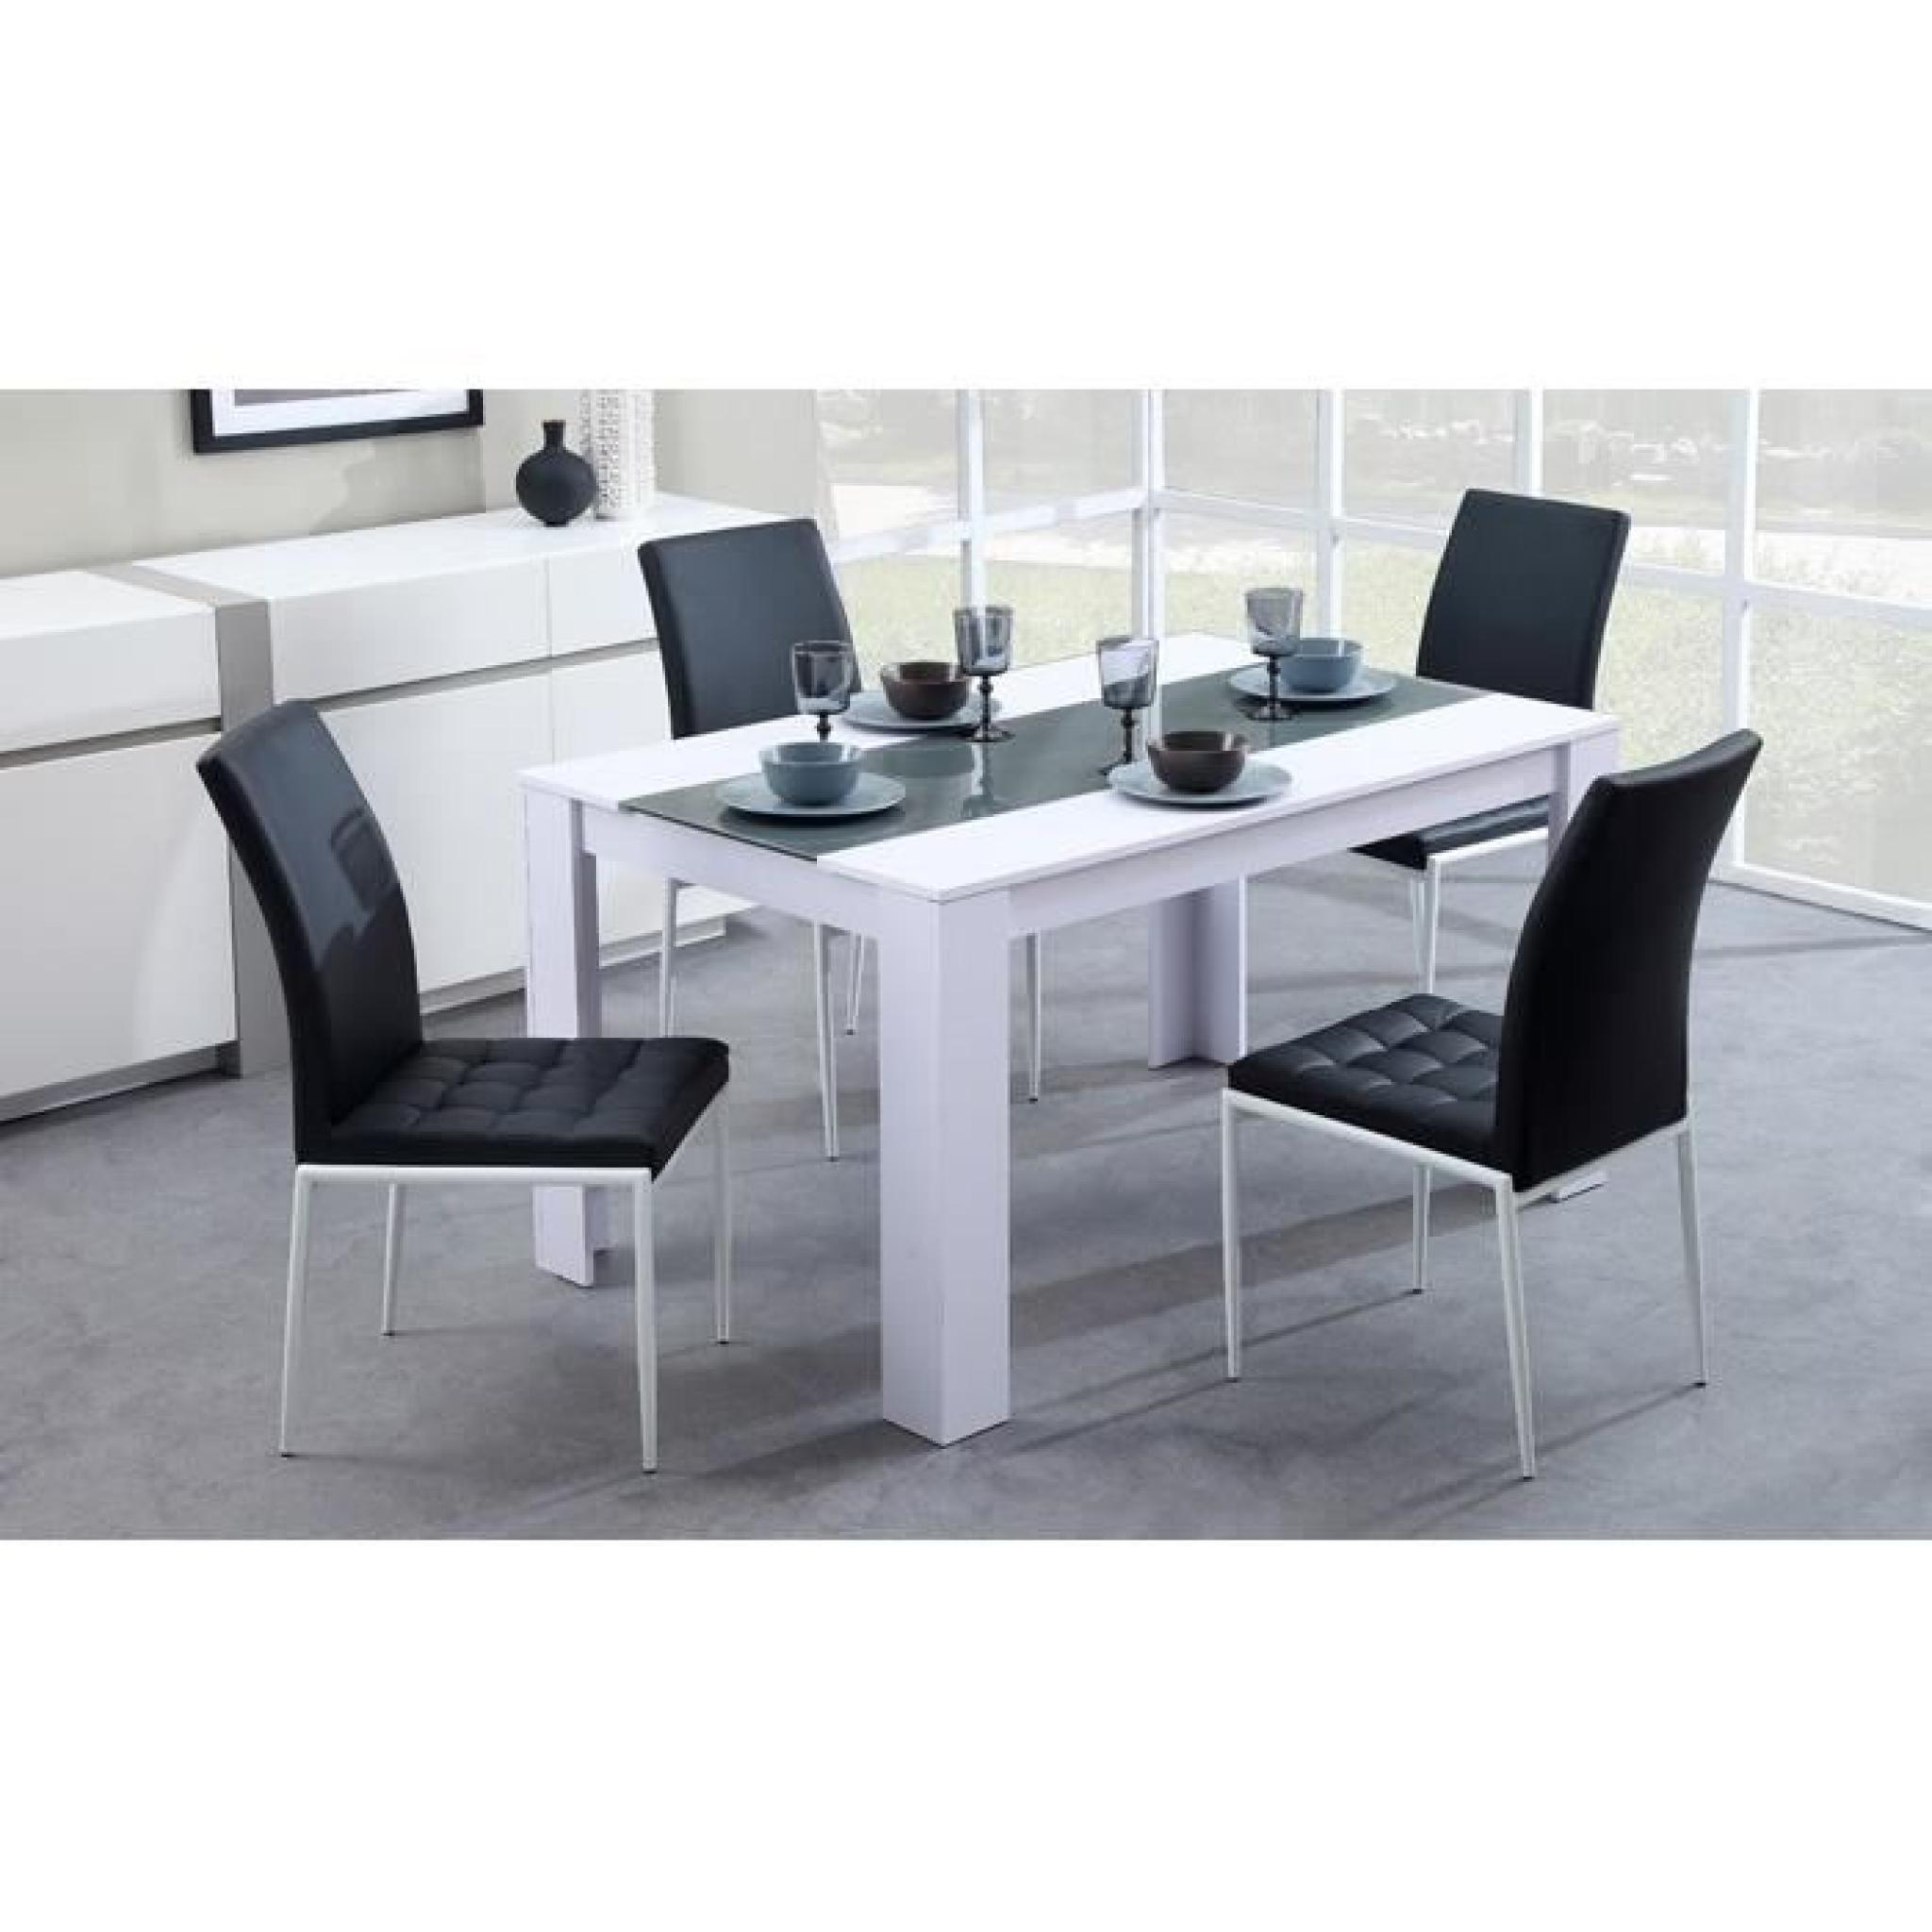 DAMIA Table de séjour 140 cm blanc/gris - Achat/Vente table salle a ...